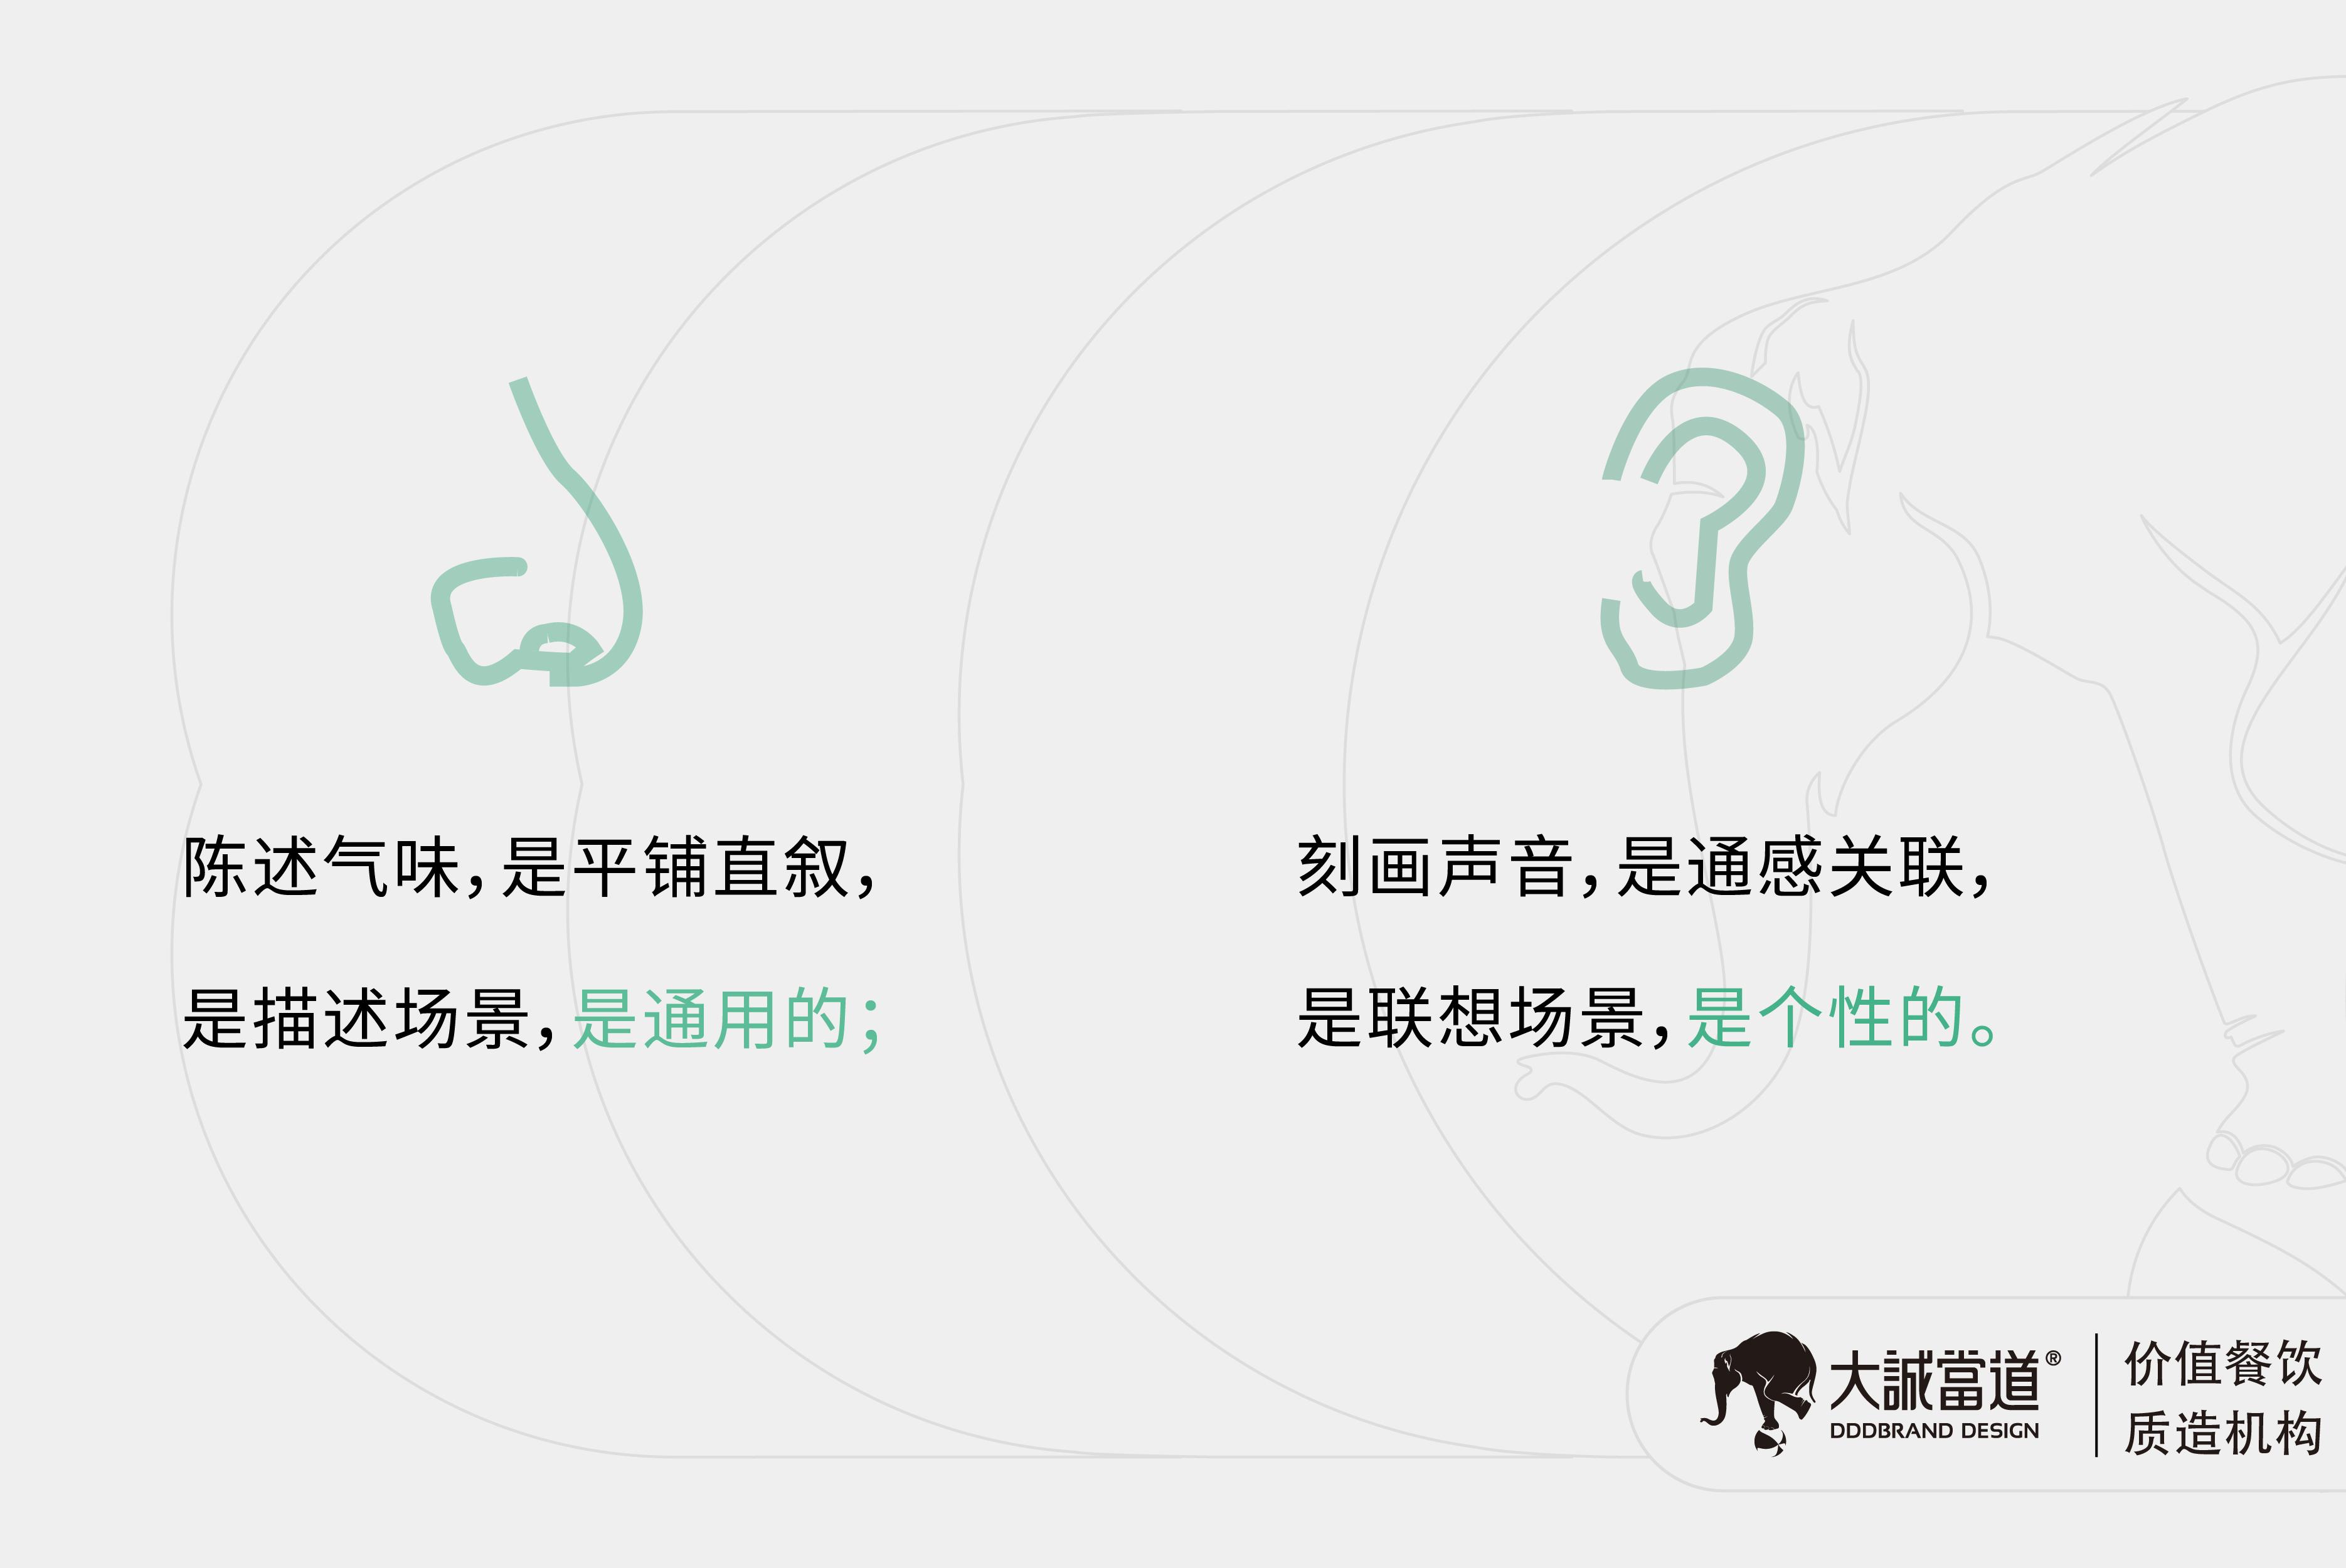 陈家mi图片1-16.jpg